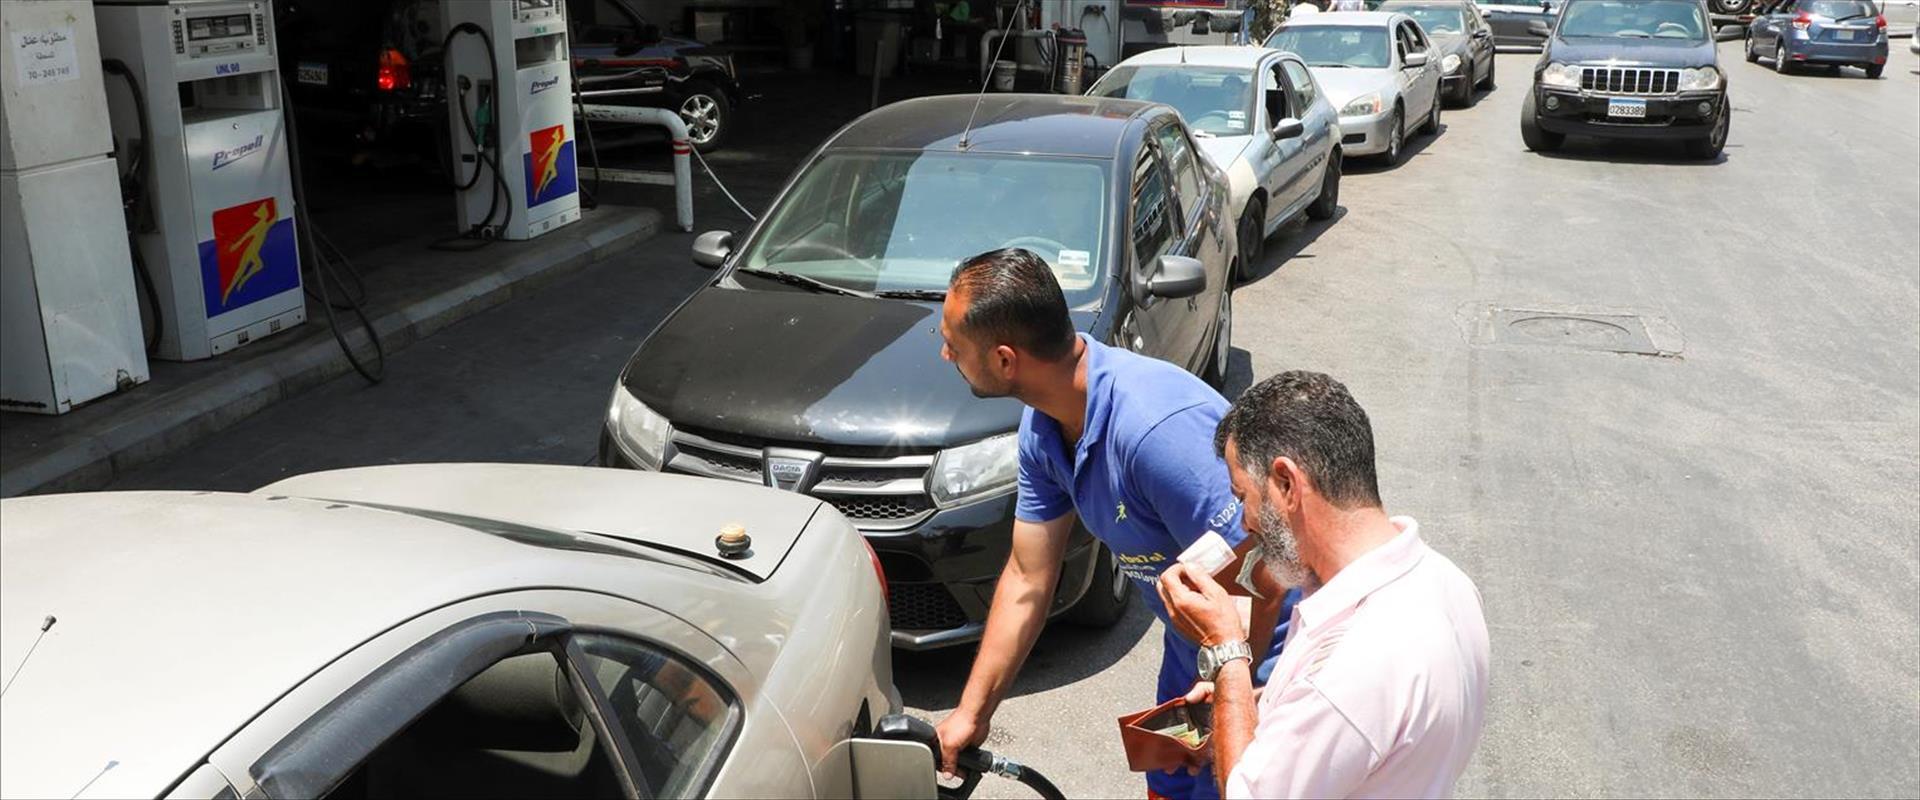 תושבי ביירות מתדלקים, שלשום